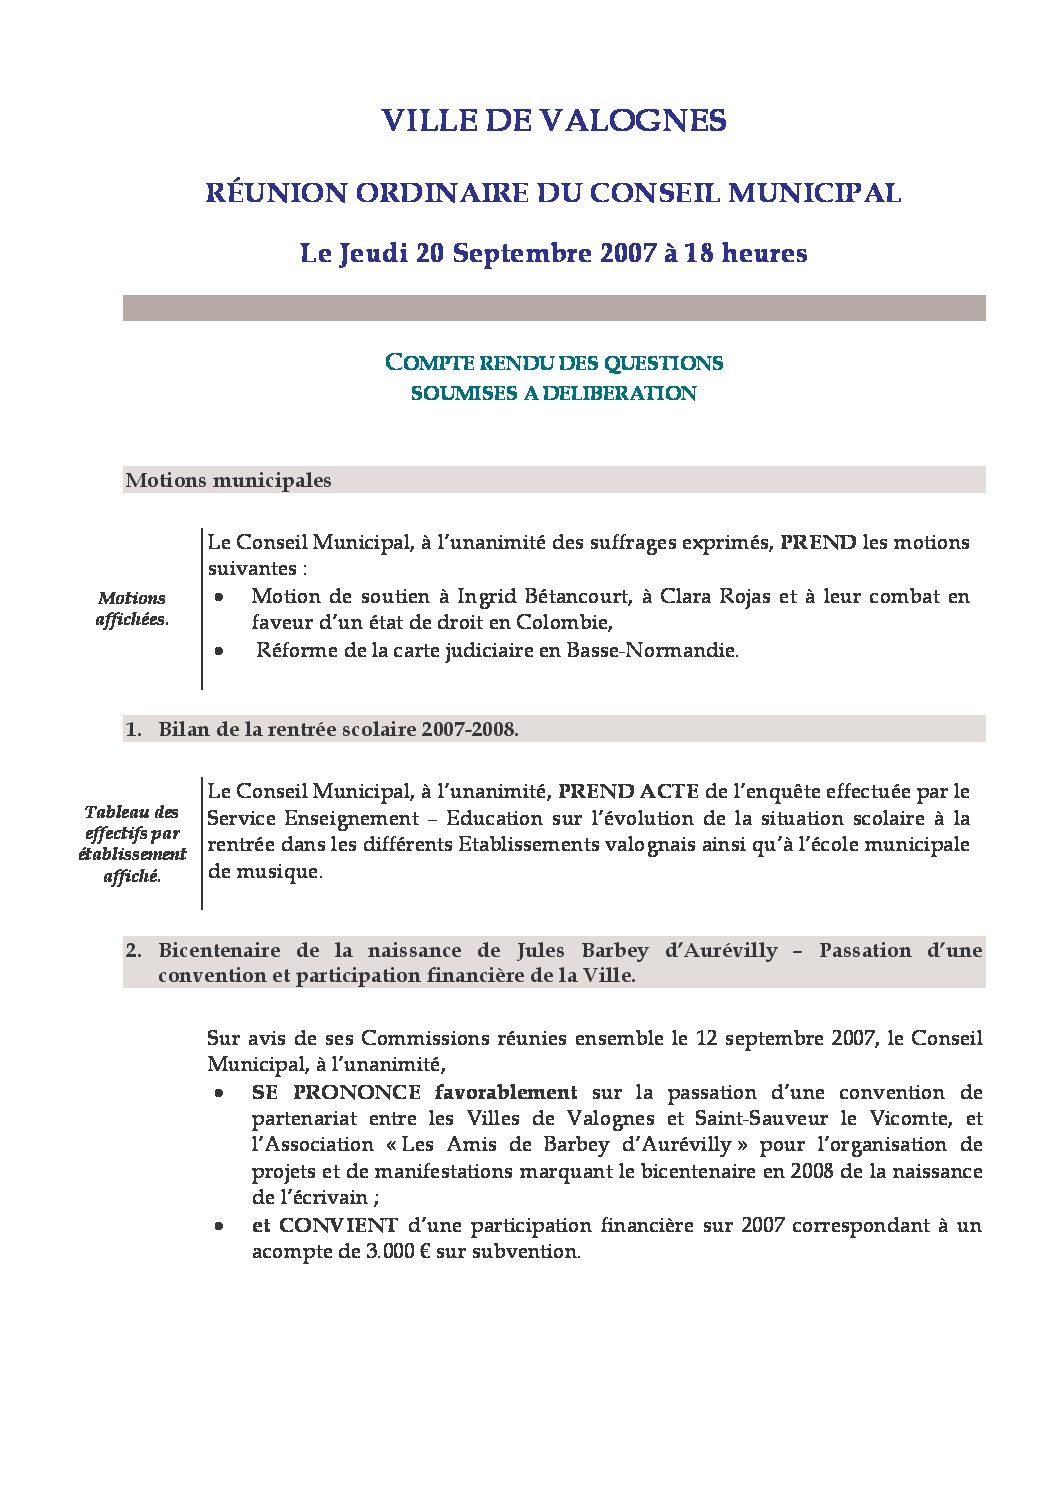 Extrait du registre des délibérations du 20-09-2007 - Compte rendu des questions soumises à délibération lors de la séance du Conseil Municipal du 20 septembre 2007.